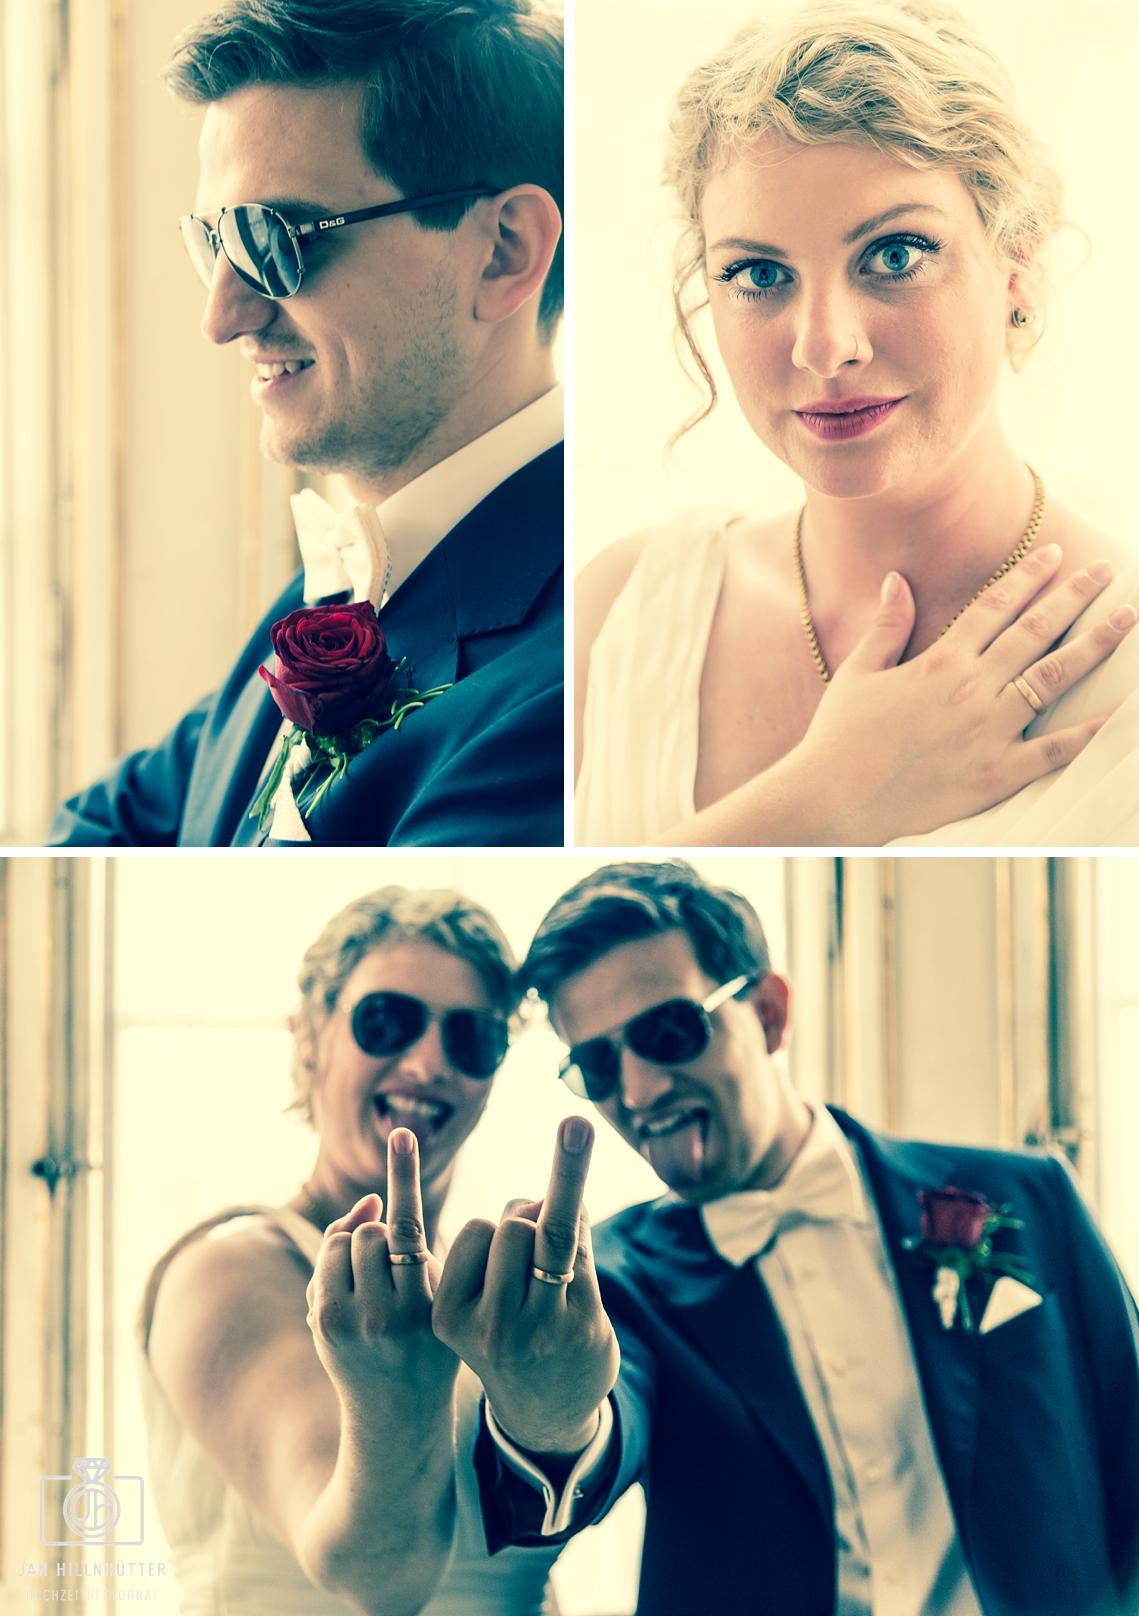 Ausgefallenes-Hochzeitsfoto-Brautpaar-Schlosshotel-Weilburg